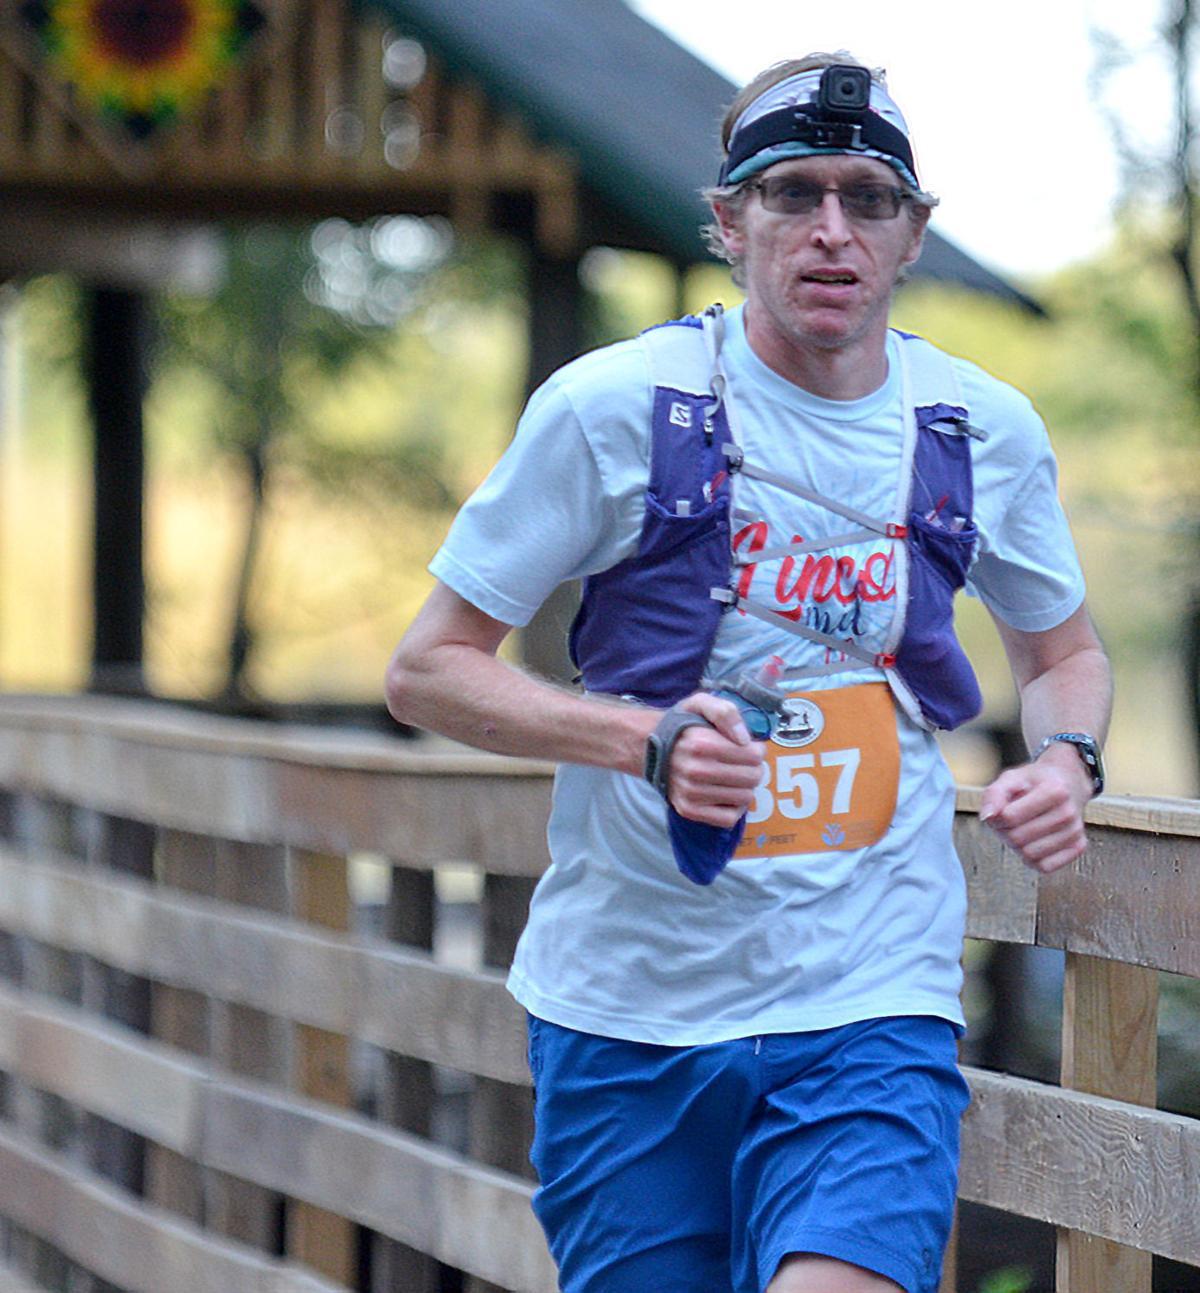 PX Half-Marathon